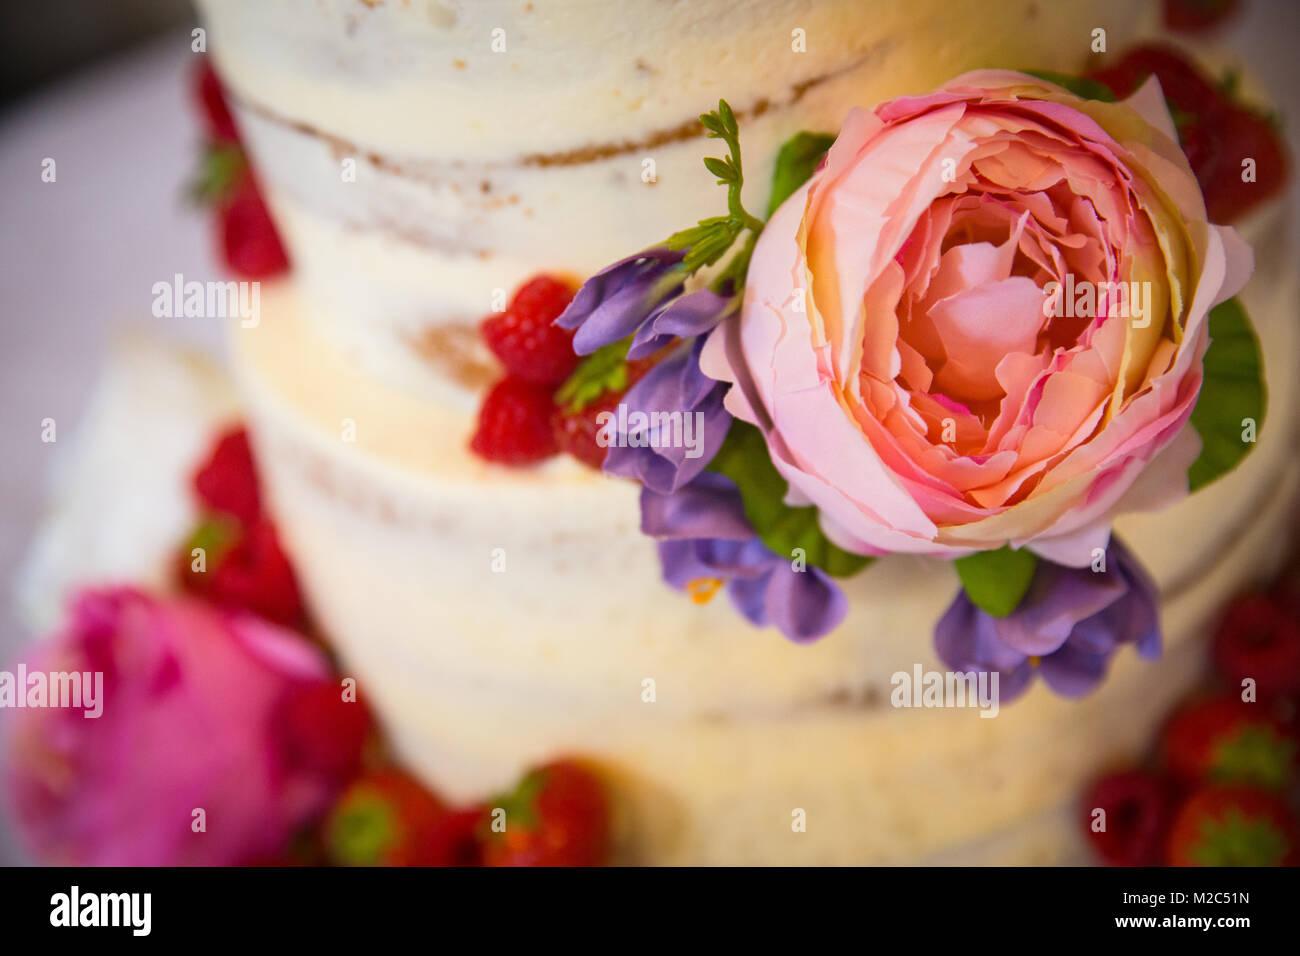 Frische Blumen und Obst auf mehrstufige Feier Kuchen, close-up Stockbild